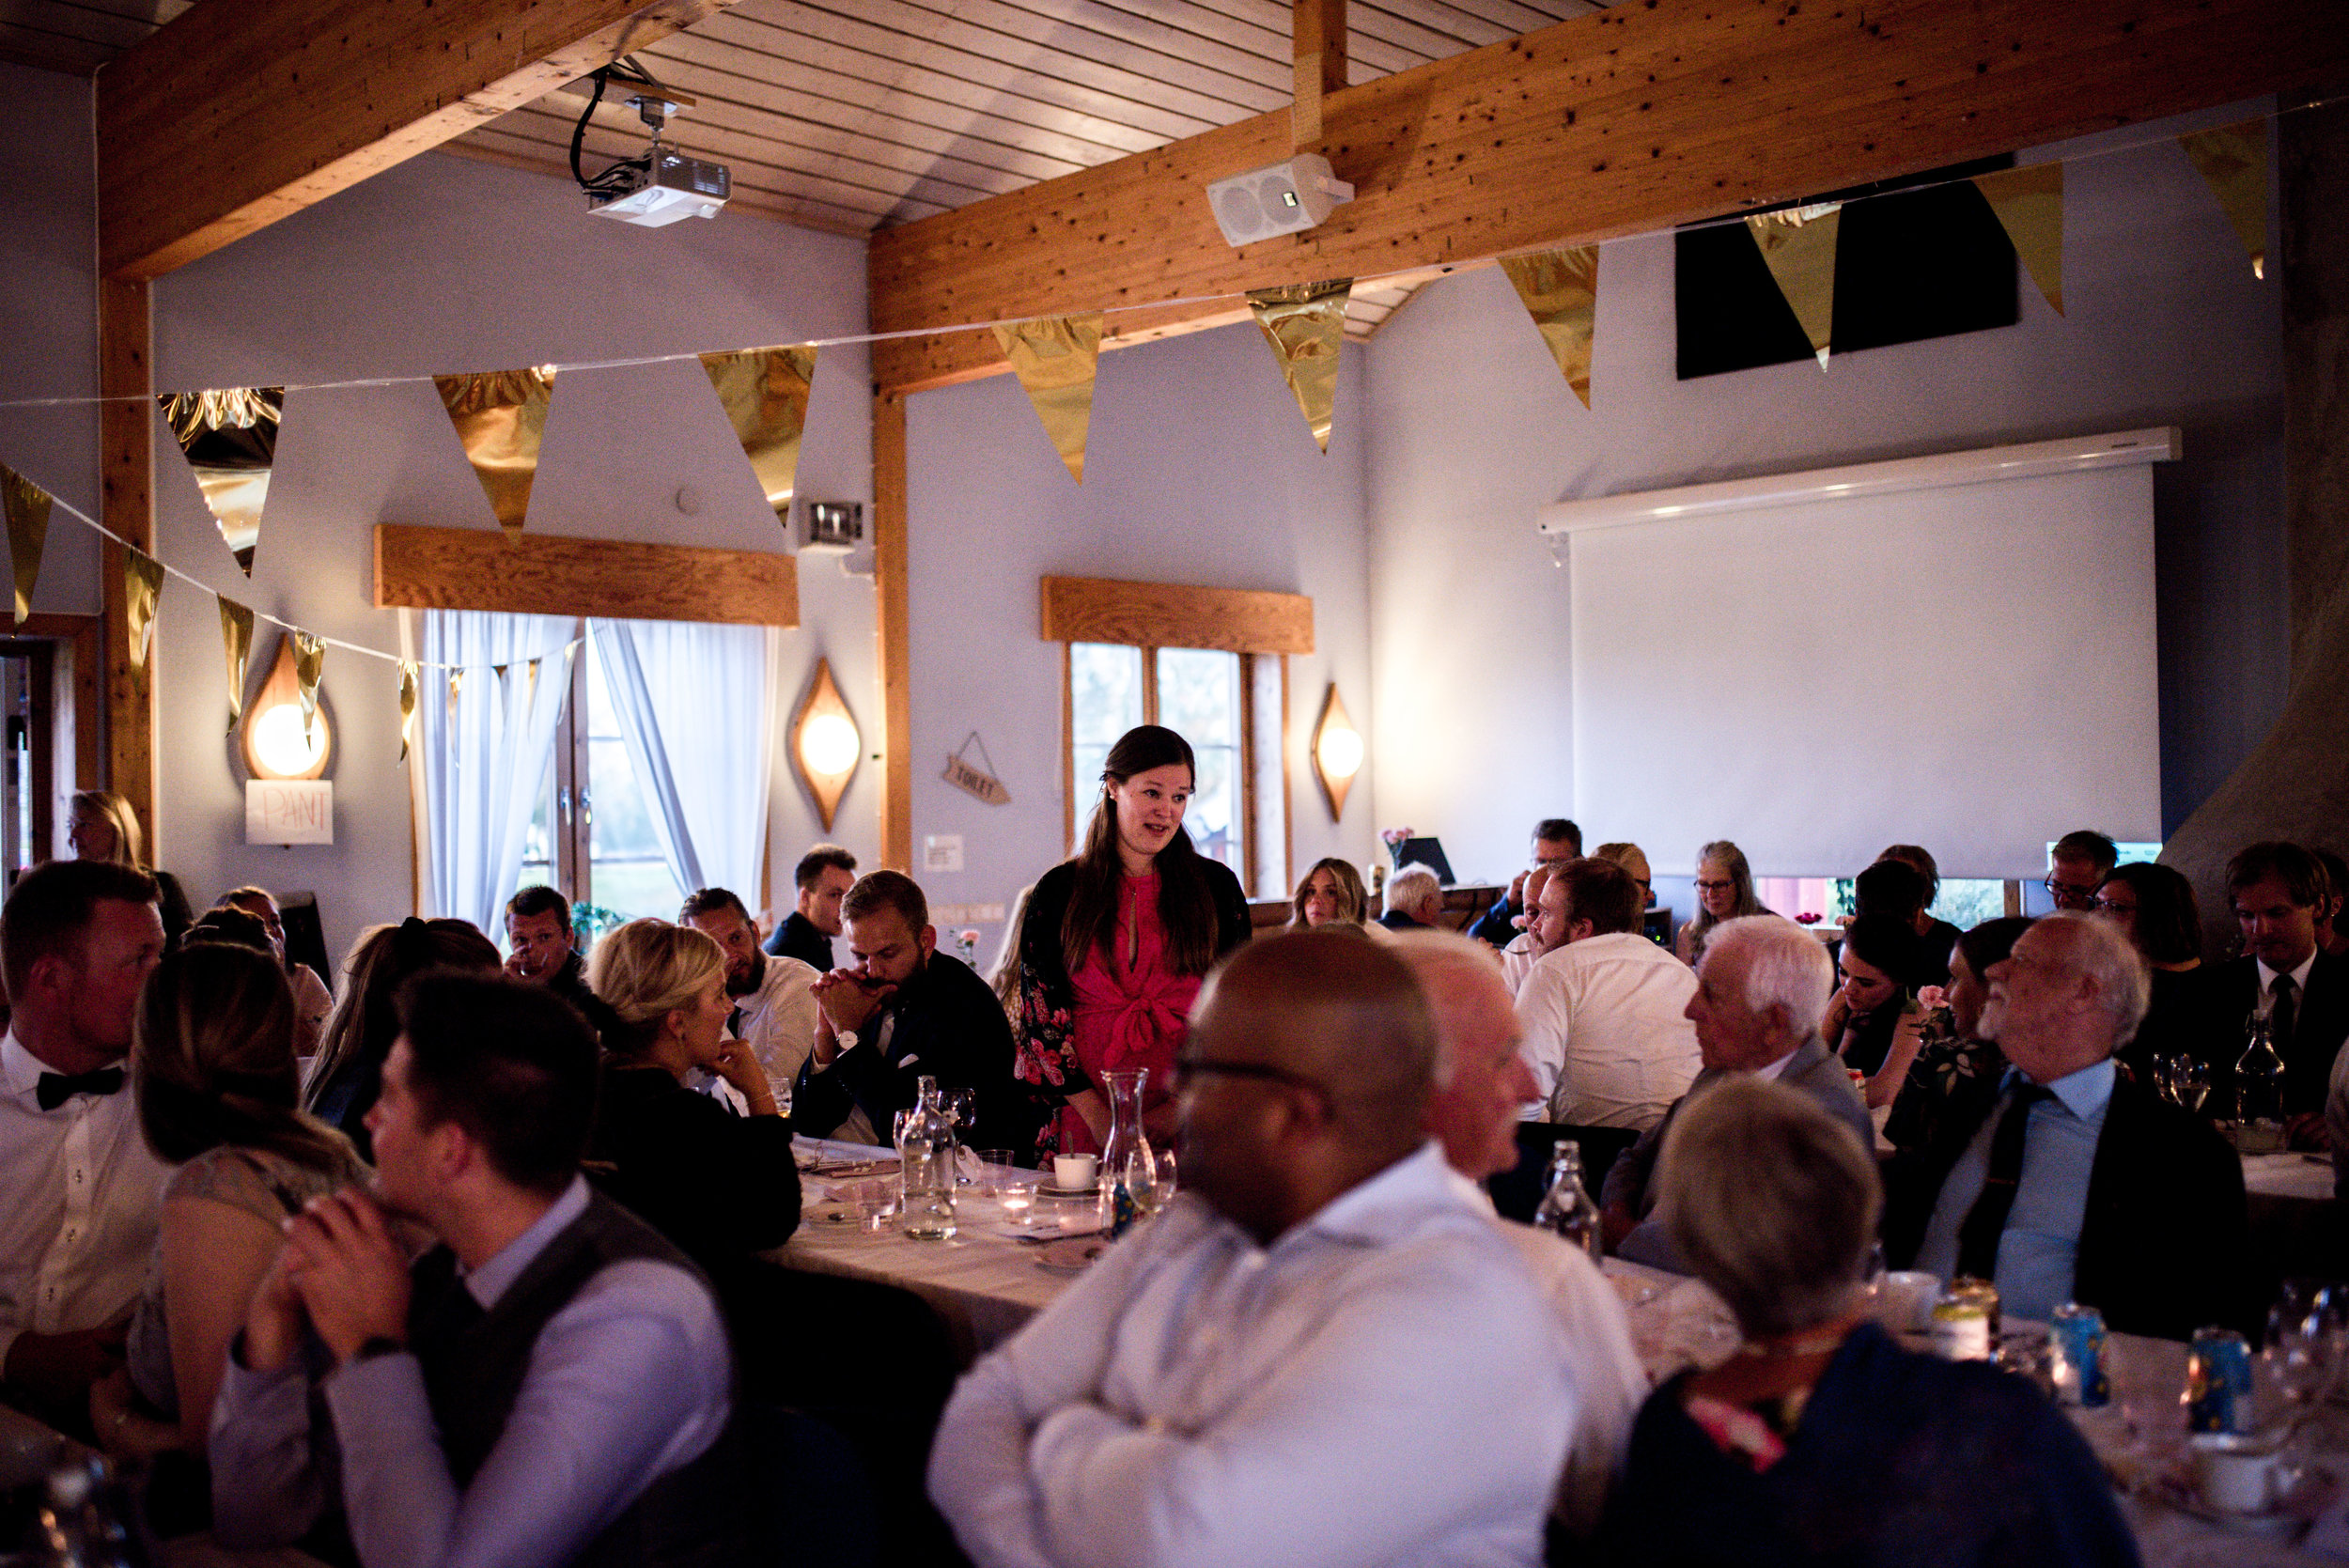 Bröllop2019lågkvall2-6378.jpg